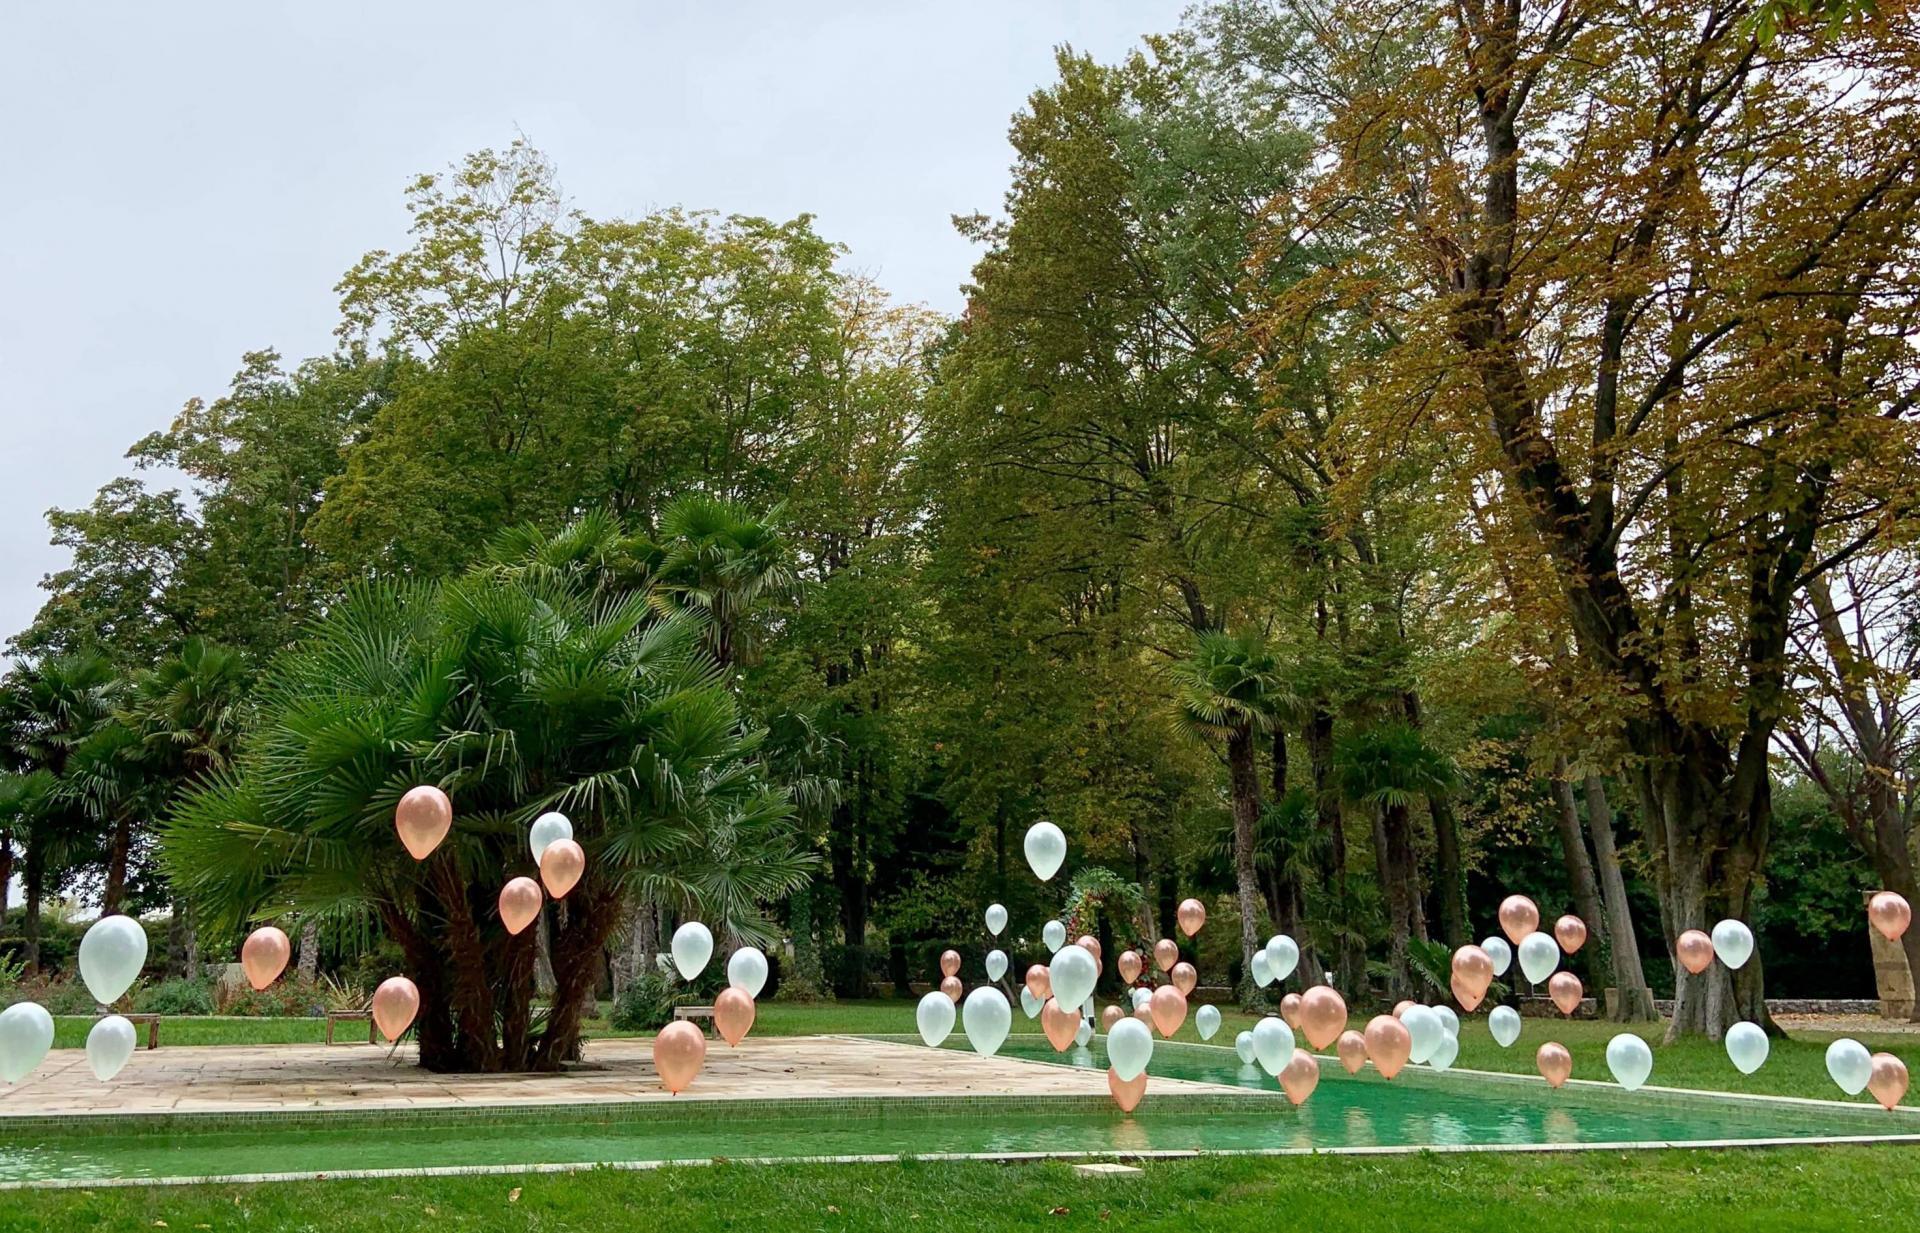 Hélium et ballons 30 cm